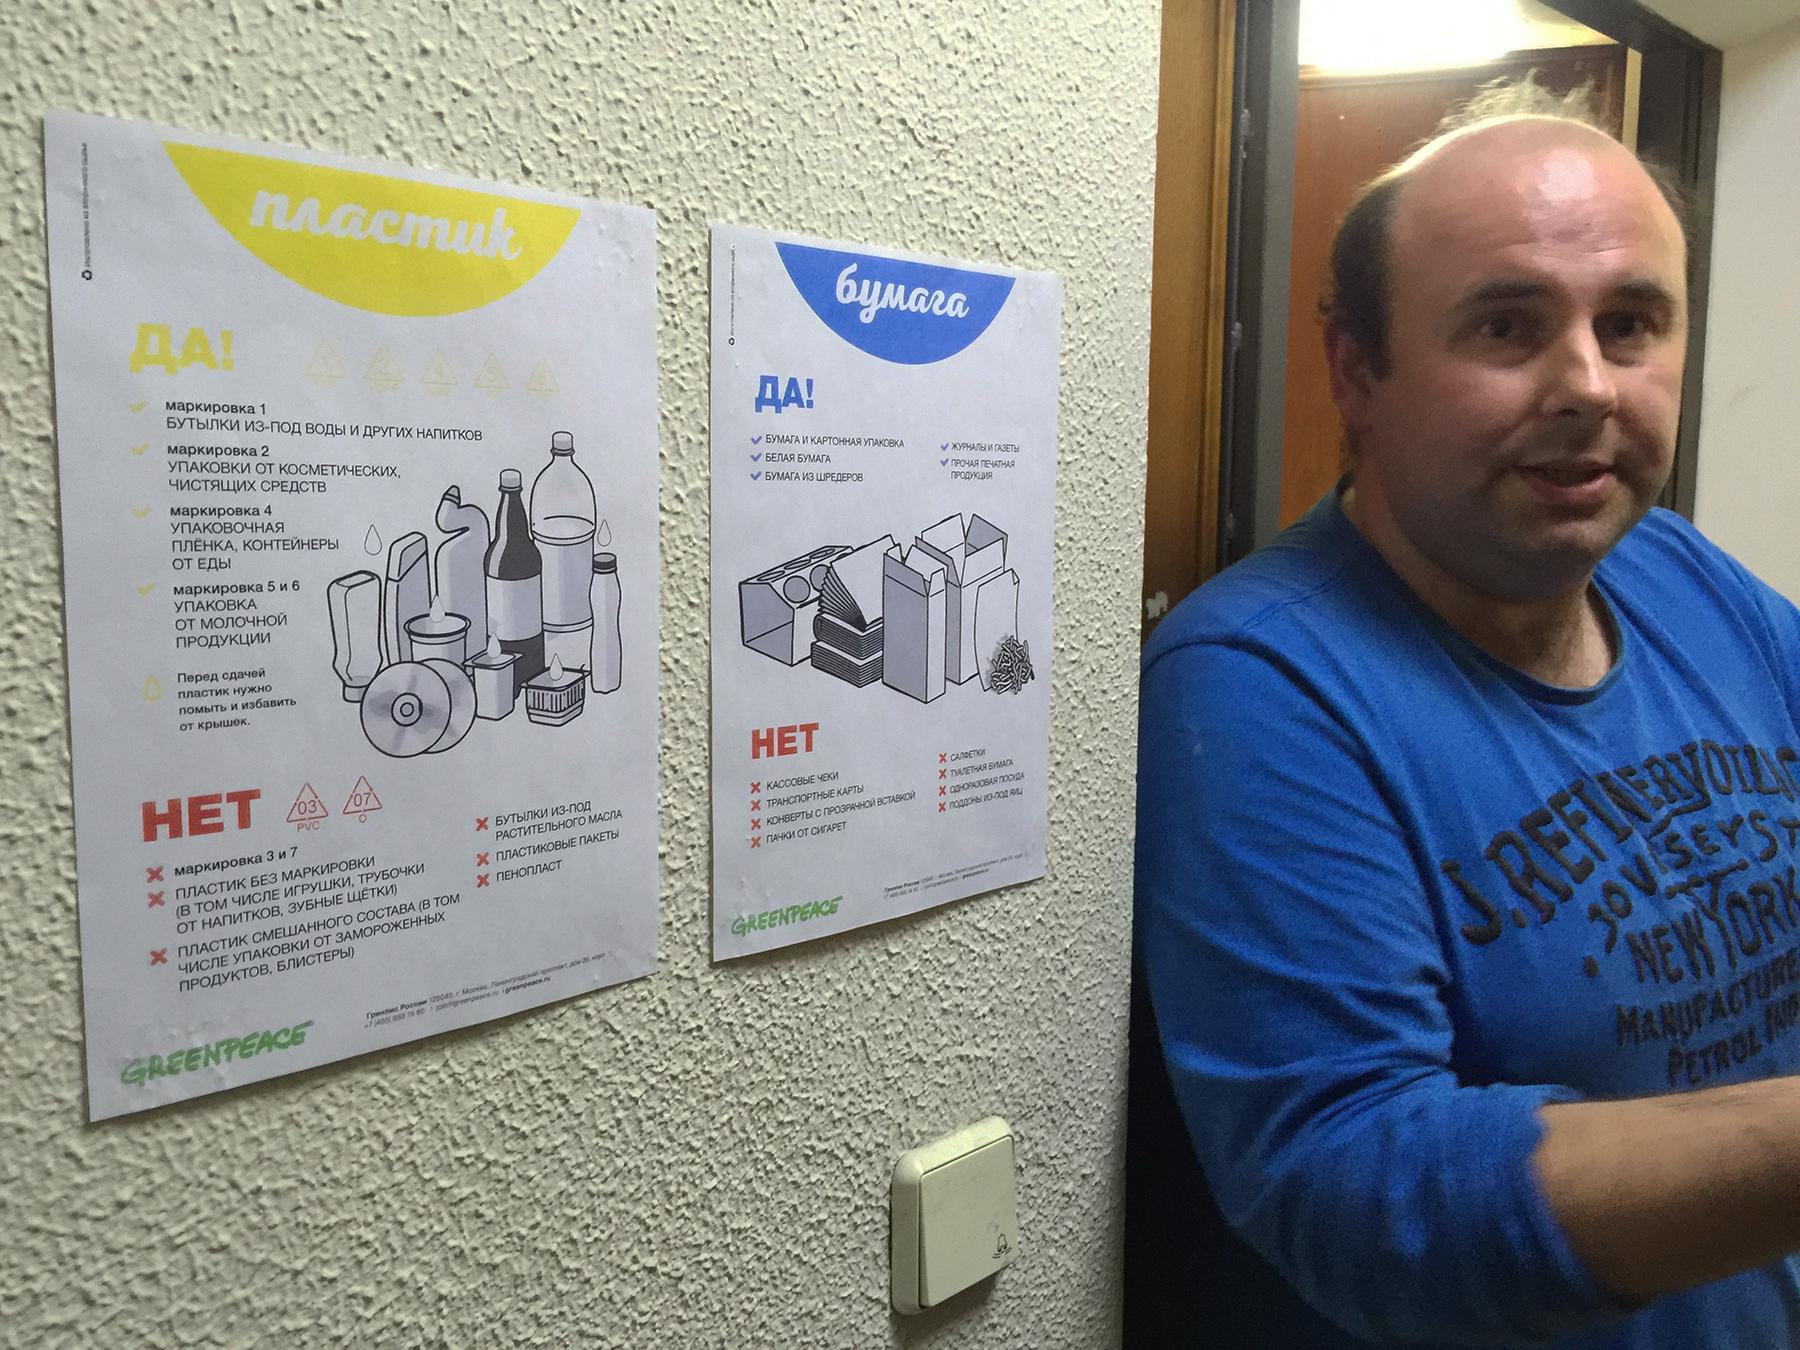 5. Greenpeace Russia